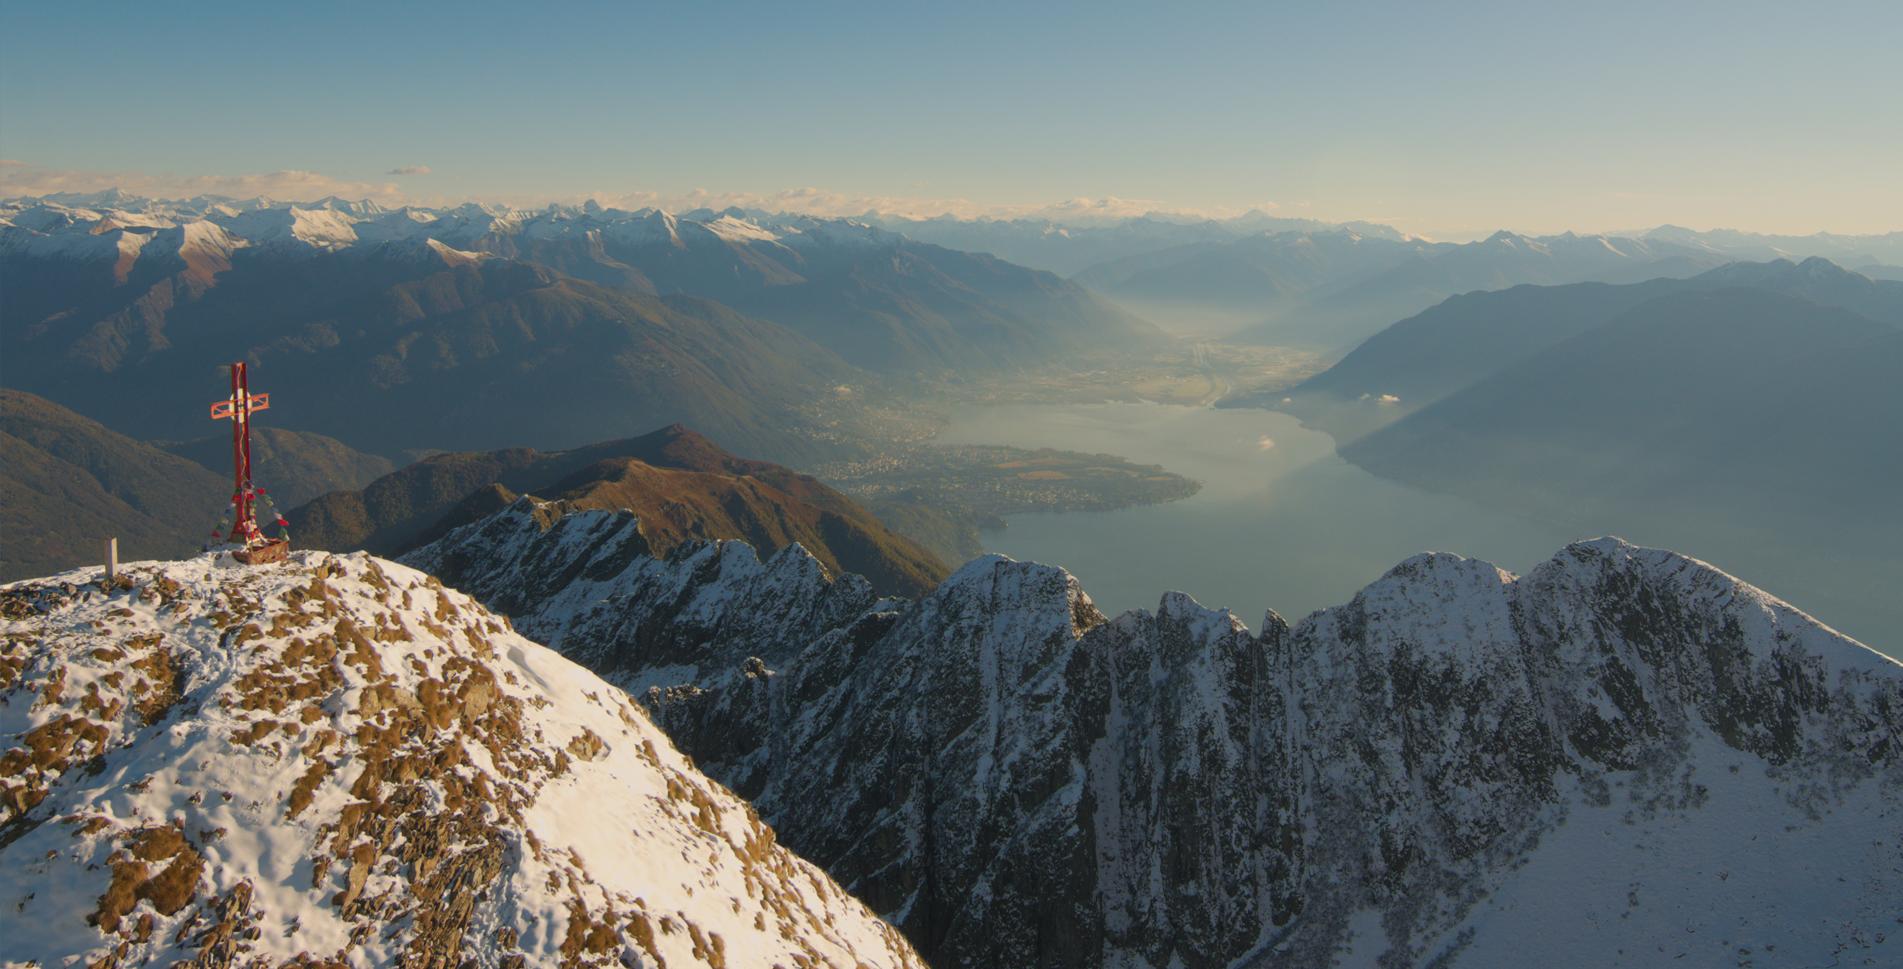 Wanderung auf den Monte Gridone am Lago Maggiore und zum Rifugio Al Legn